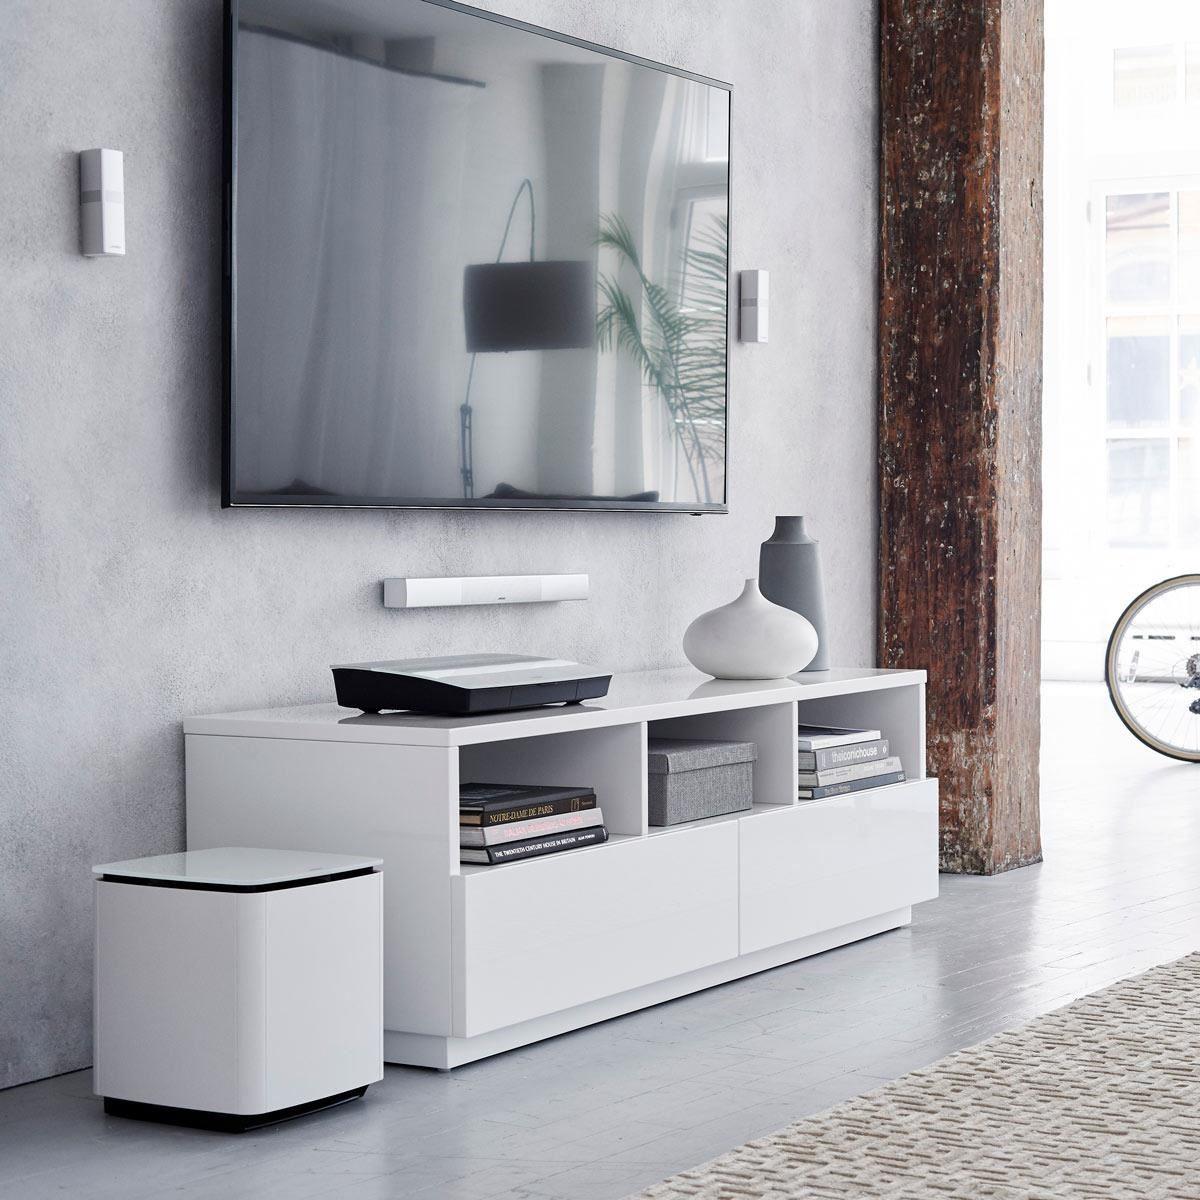 全新 Lifestyle 家庭娛樂系統擁有驚豔設計的同時,讓你盡享出色環繞音效。